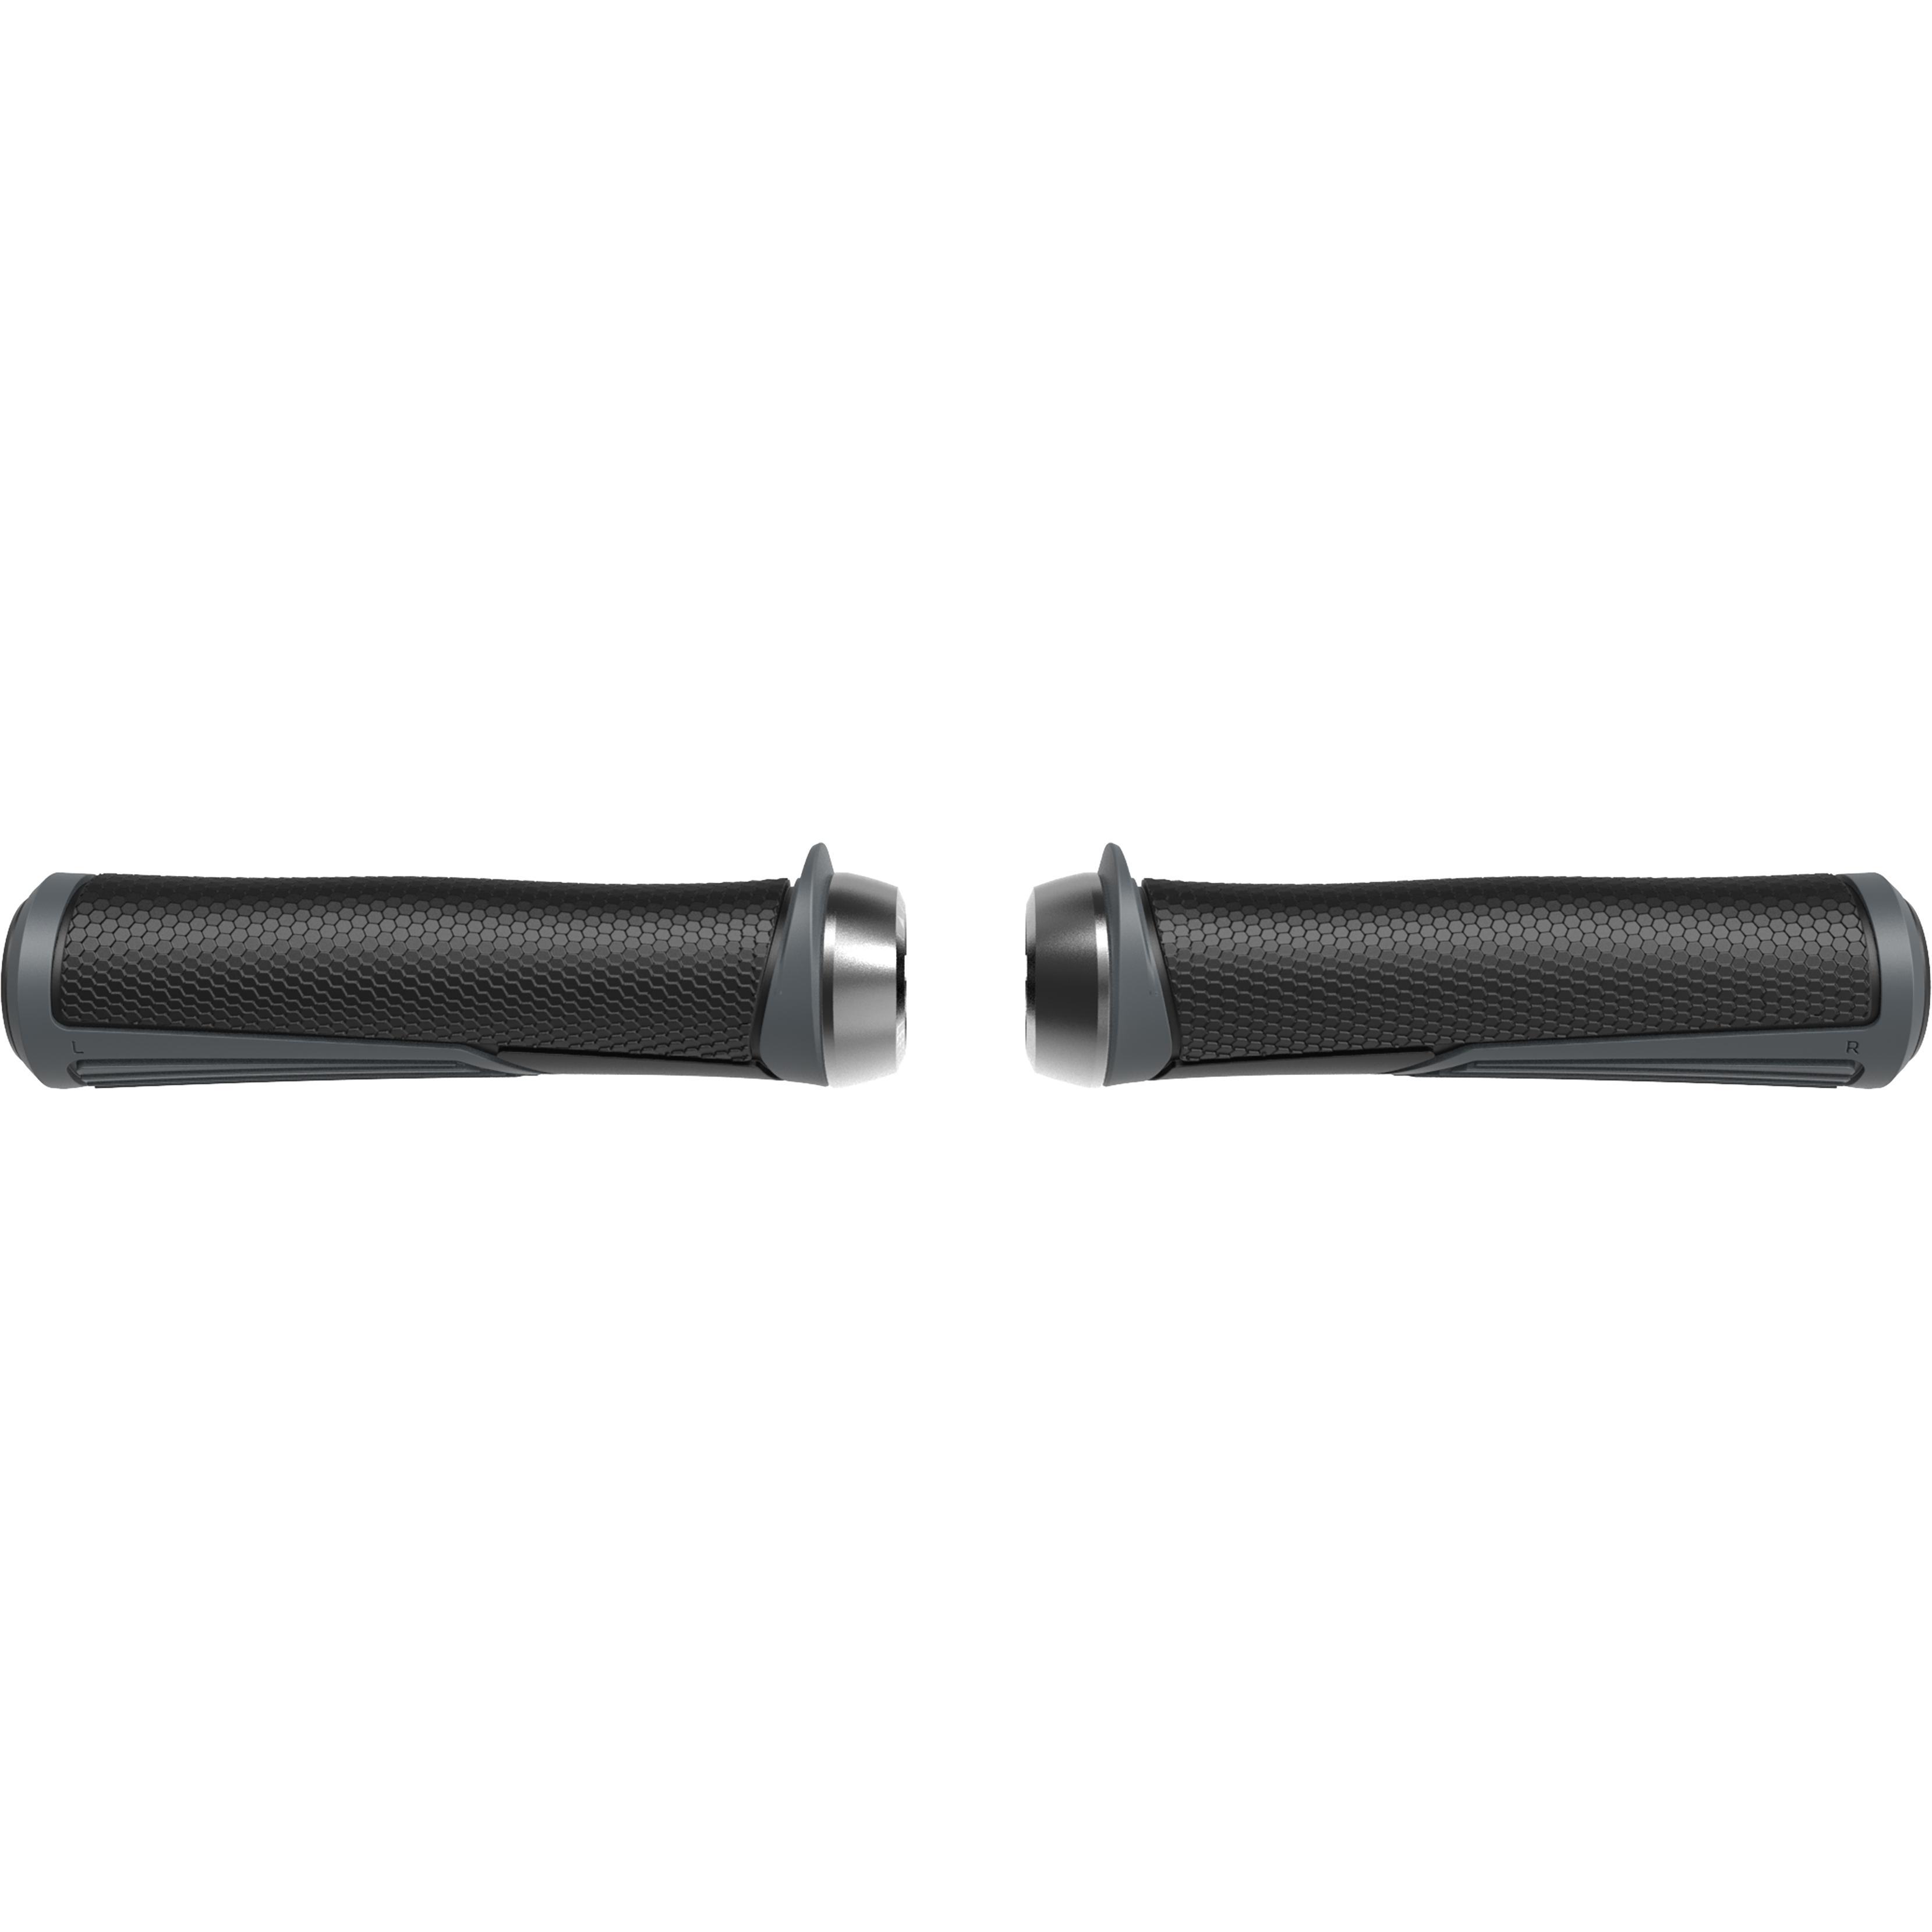 Купить Грипсы Bbb Cobra 142Mm / Dark Grey / Lockring Dark Grey Тёмно Серый, унисекс, Рулевое управление